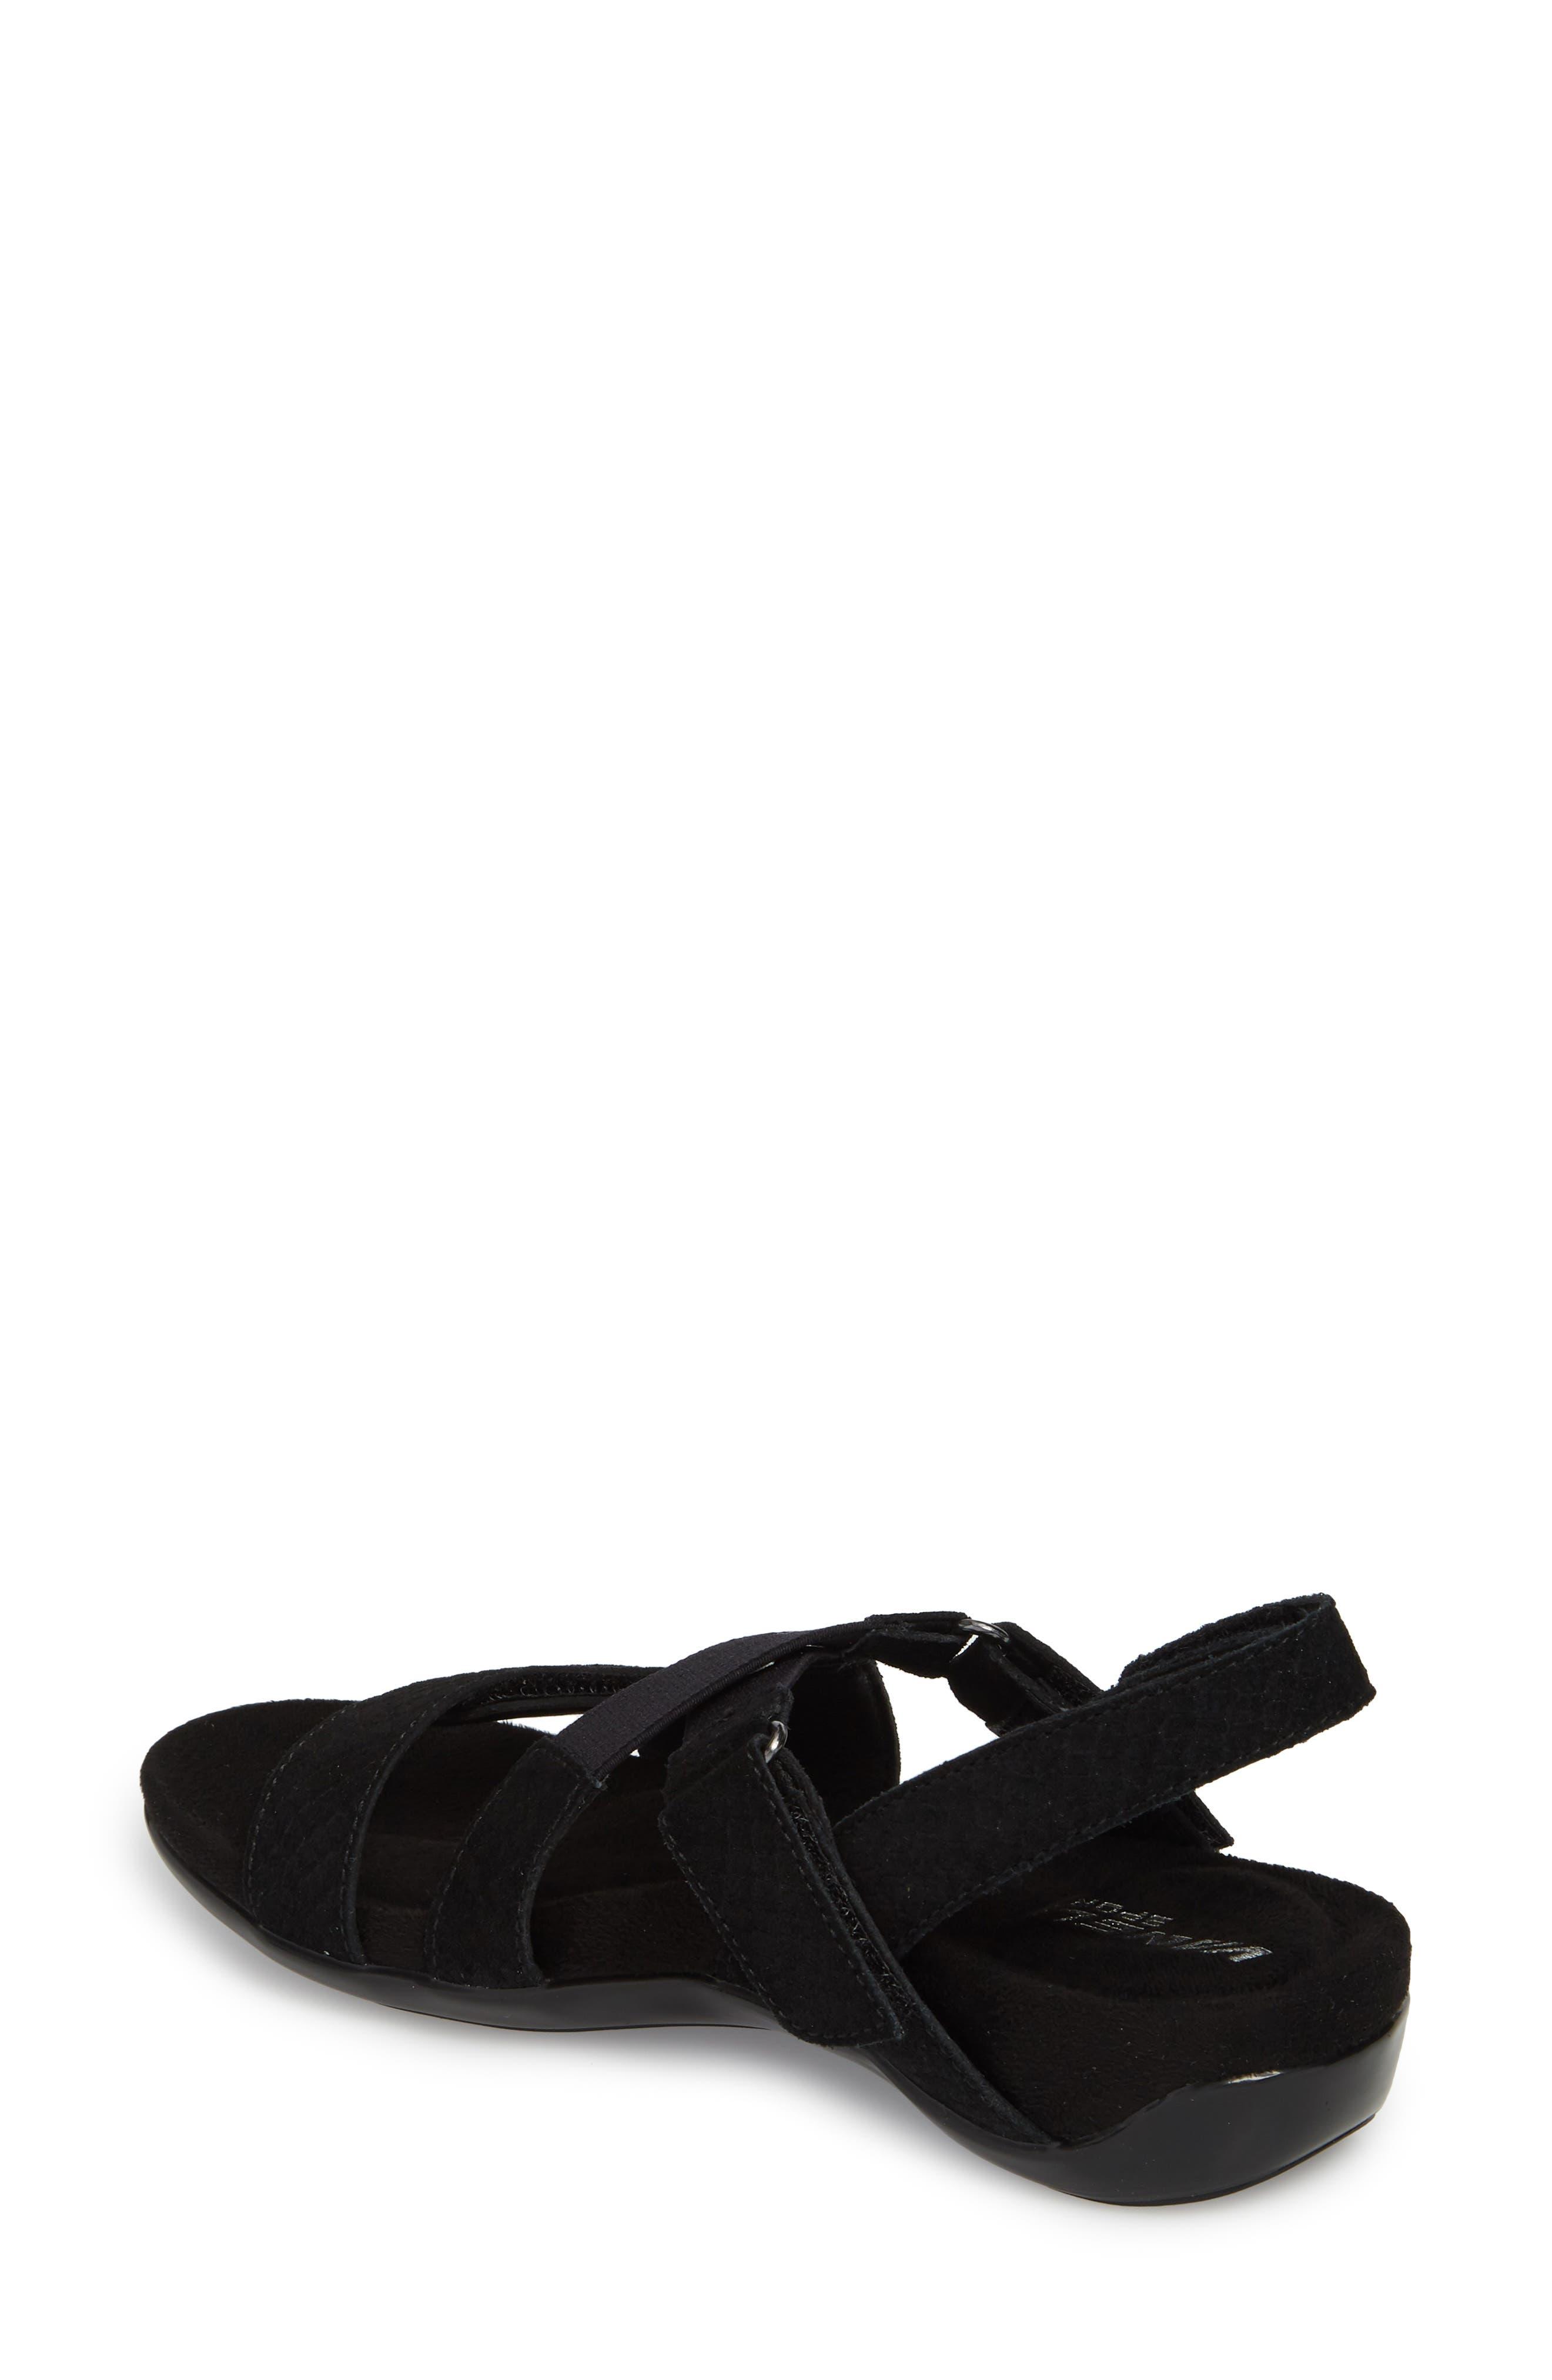 Vicki Slingback Sandal,                             Alternate thumbnail 2, color,                             Black Printed Leather